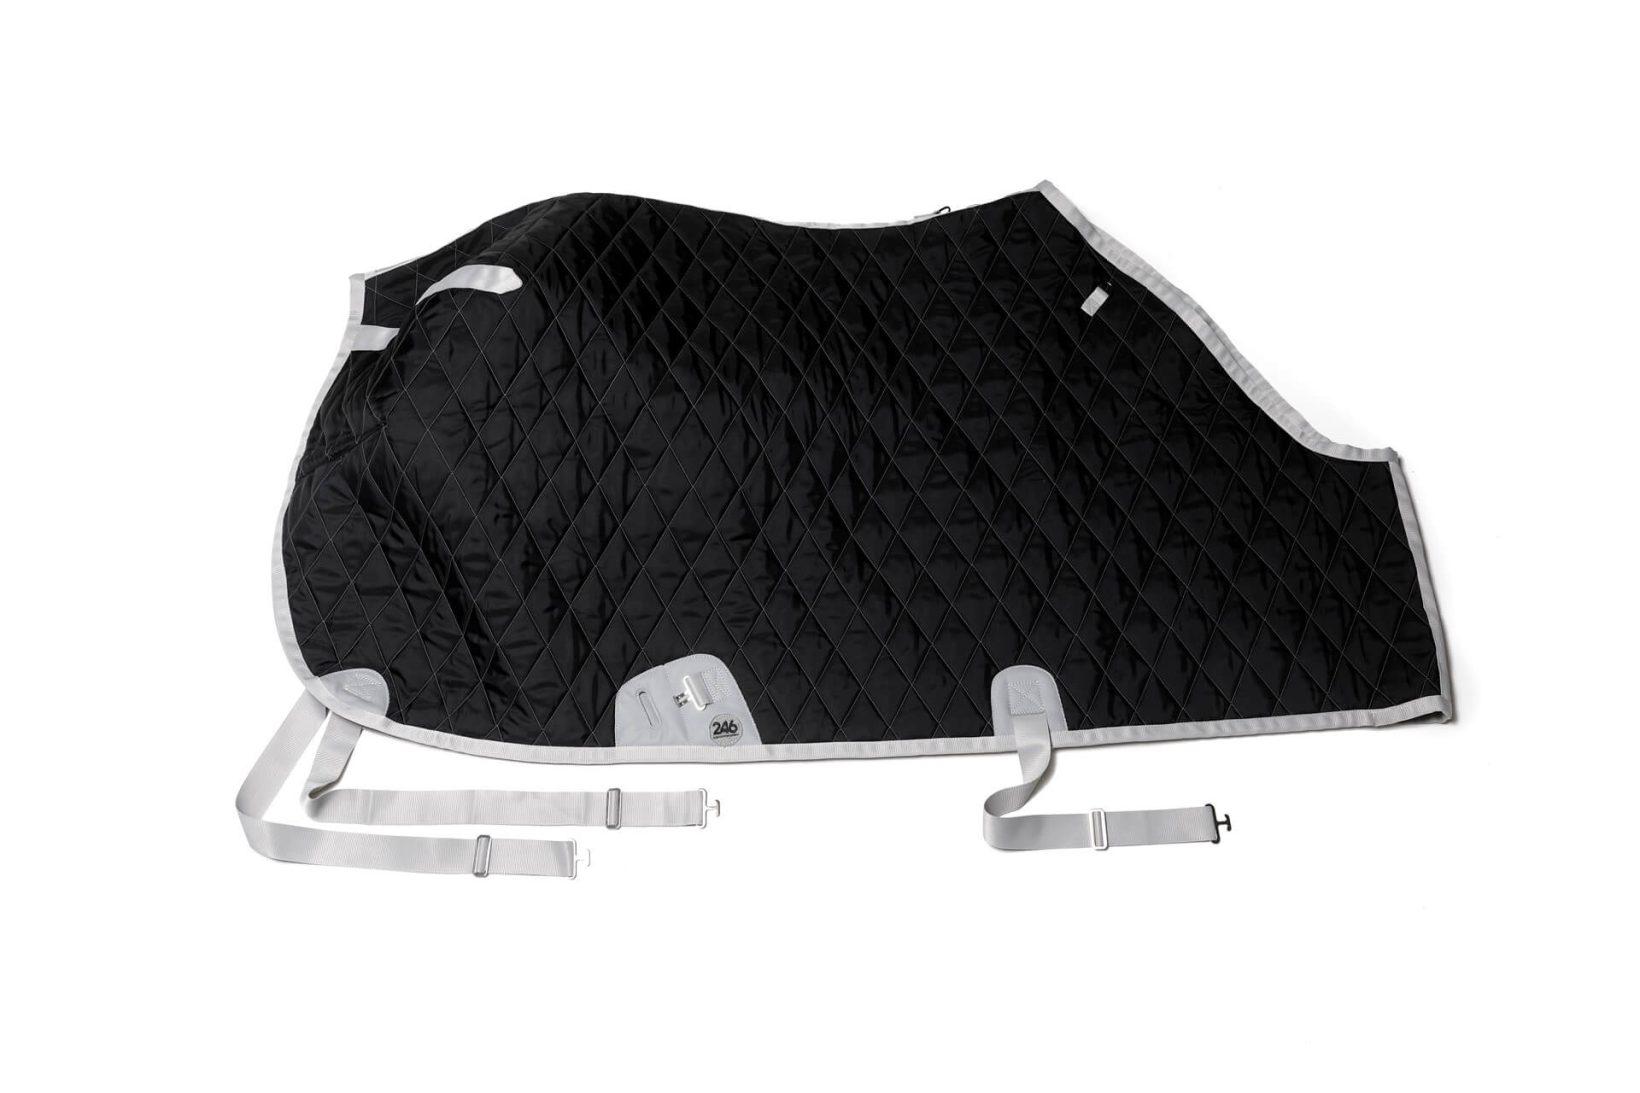 Copertina invernale nera per cavallo in nylon impermeabile e lana | 246 Reiner Professional